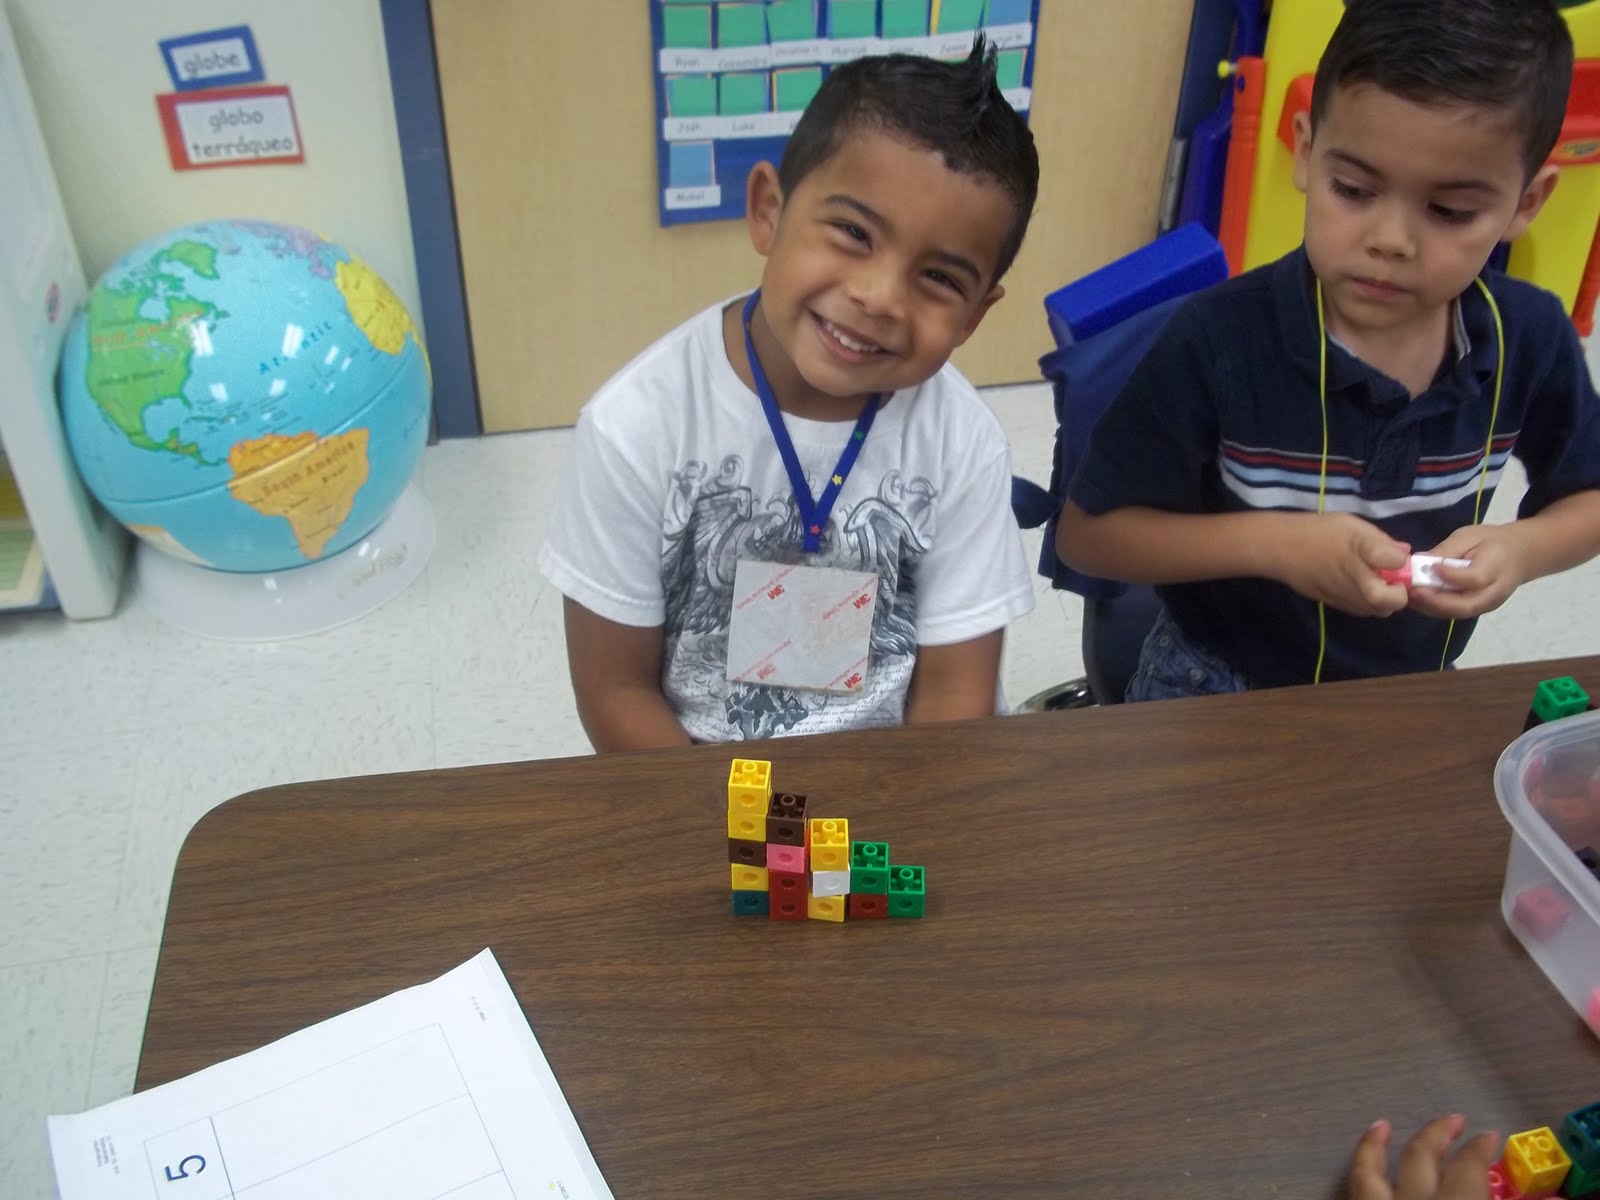 Kinder Garden: Mrs. Wood's Kindergarten Class: One To One Correspondence 1-5